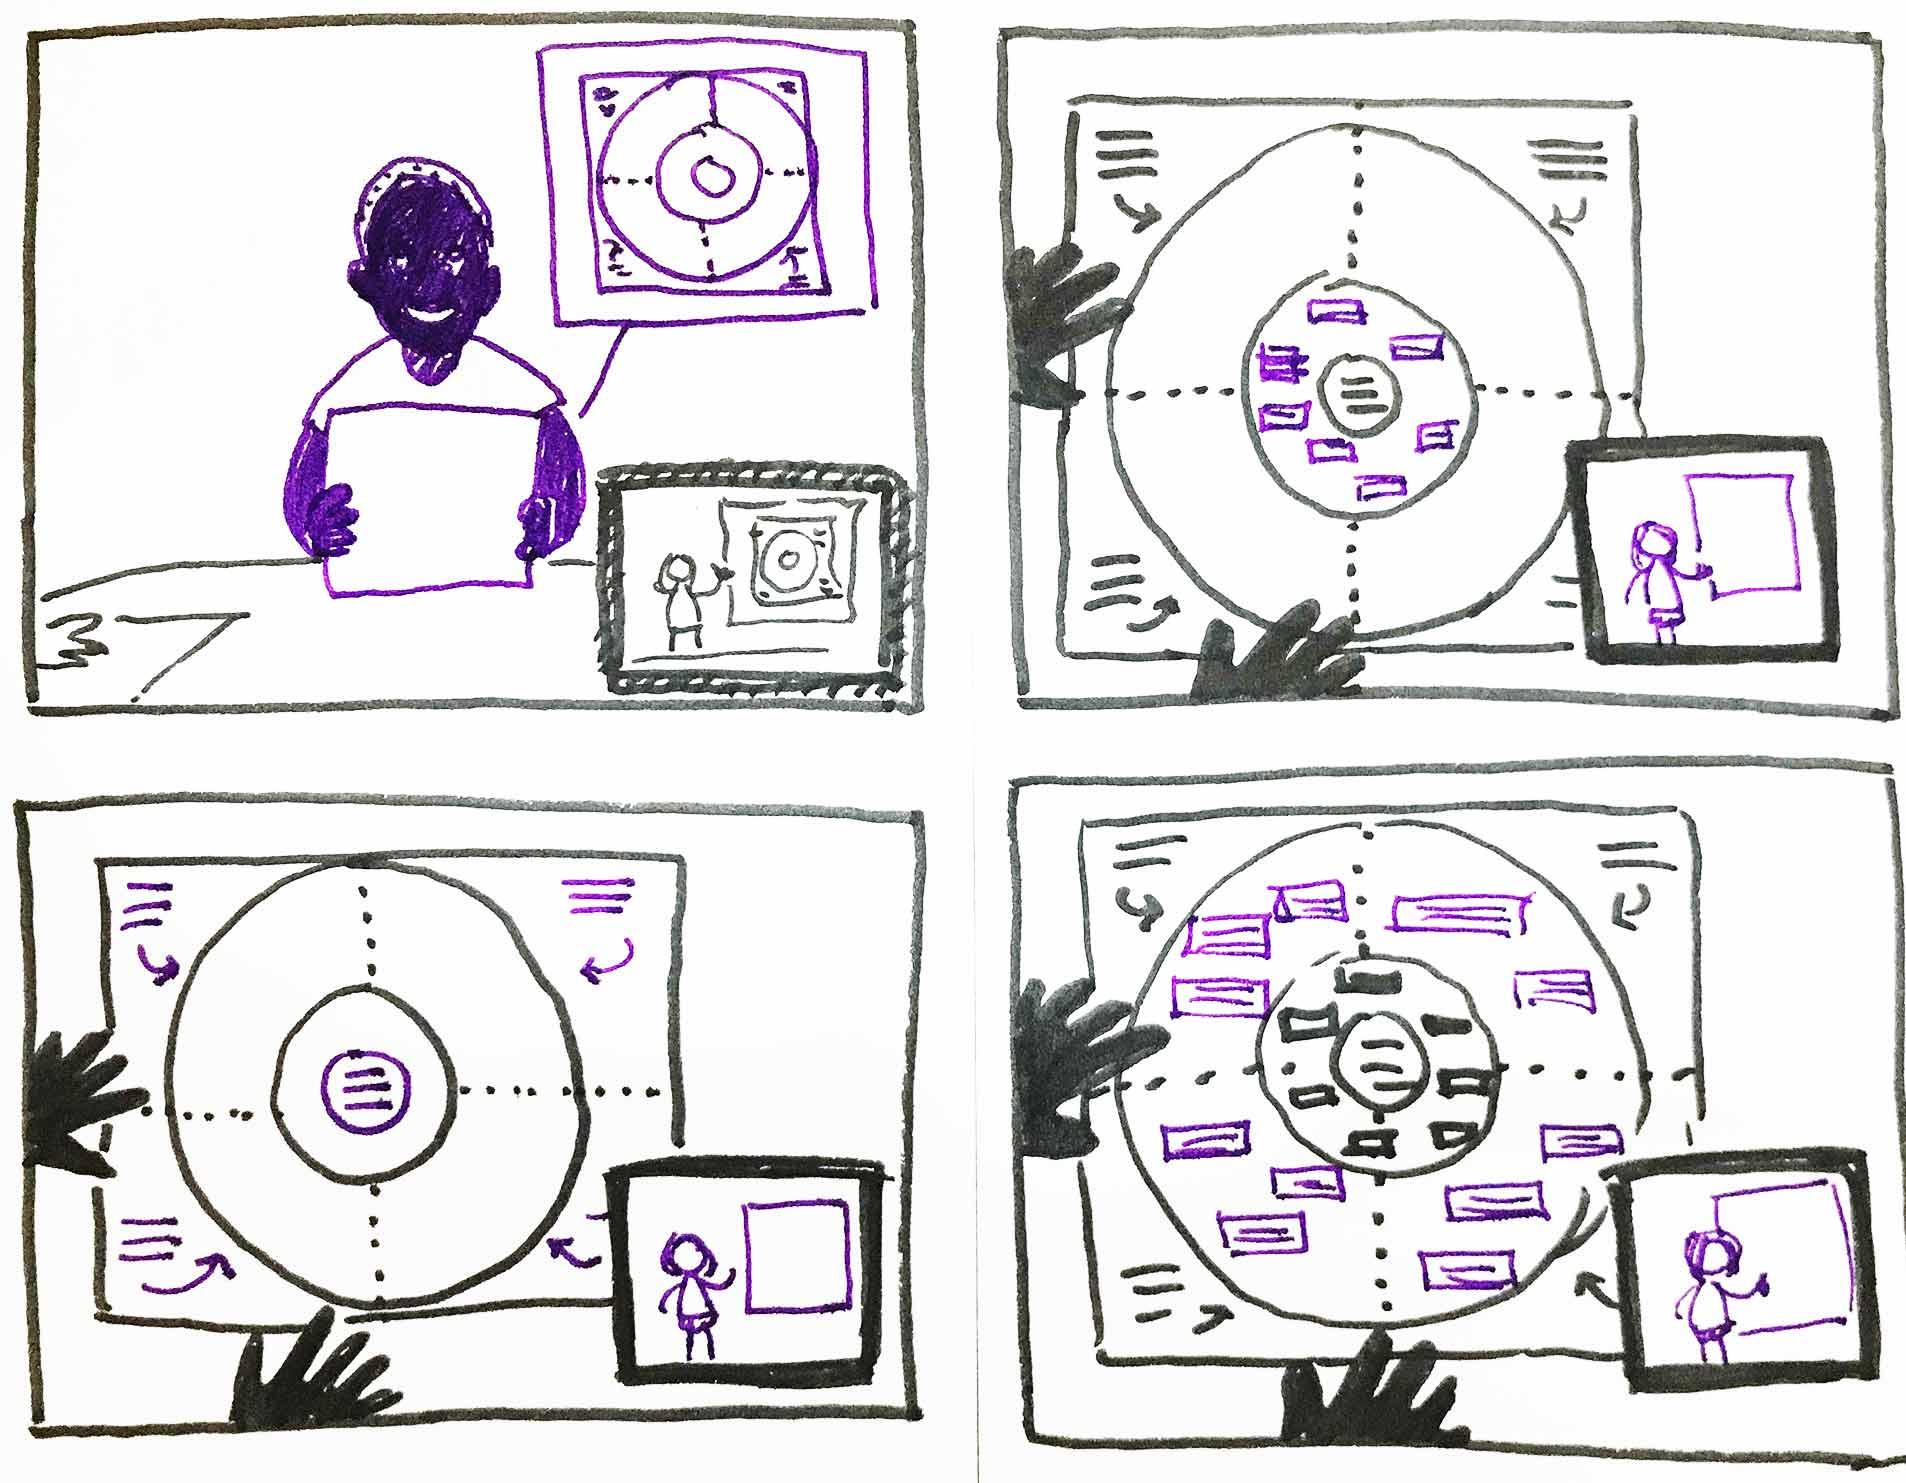 Sketch of four storyboard panels showing a presentation task overlaid on group workshop tasks